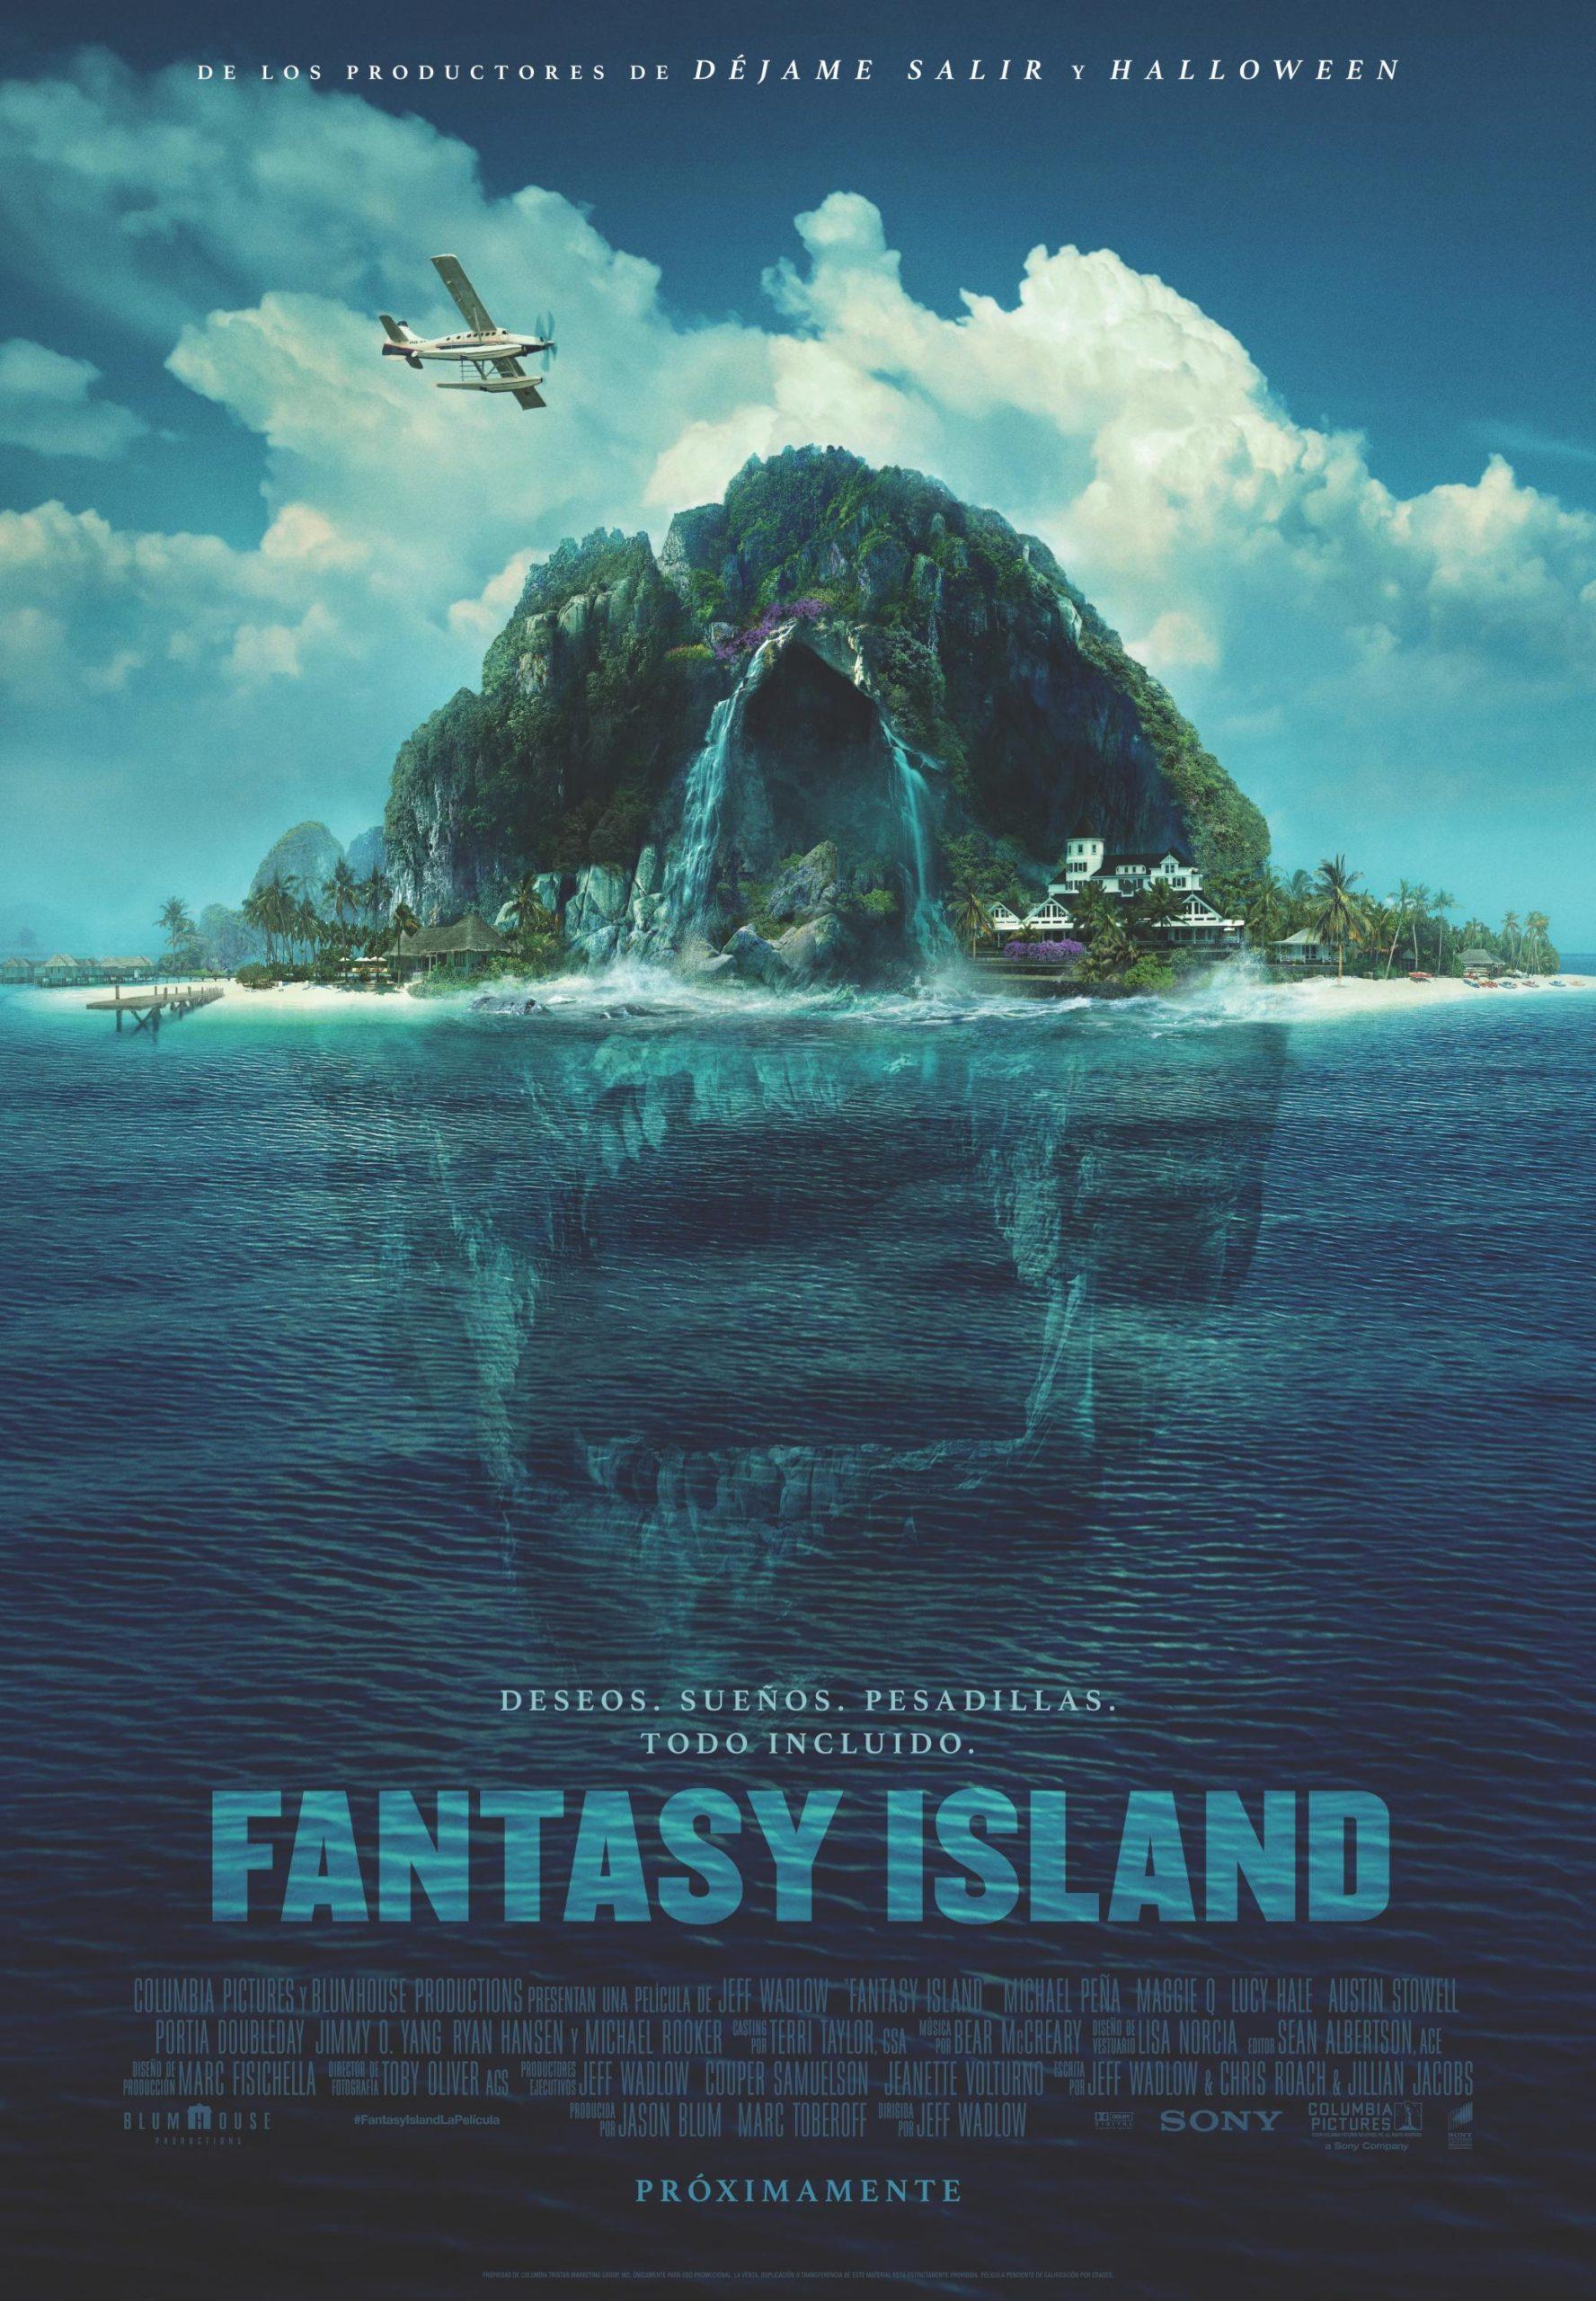 La célebre productora de terror Blumhouse continúa su buena racha con el estreno de varios títulos en 2020, entre ellos Fantasy Island.